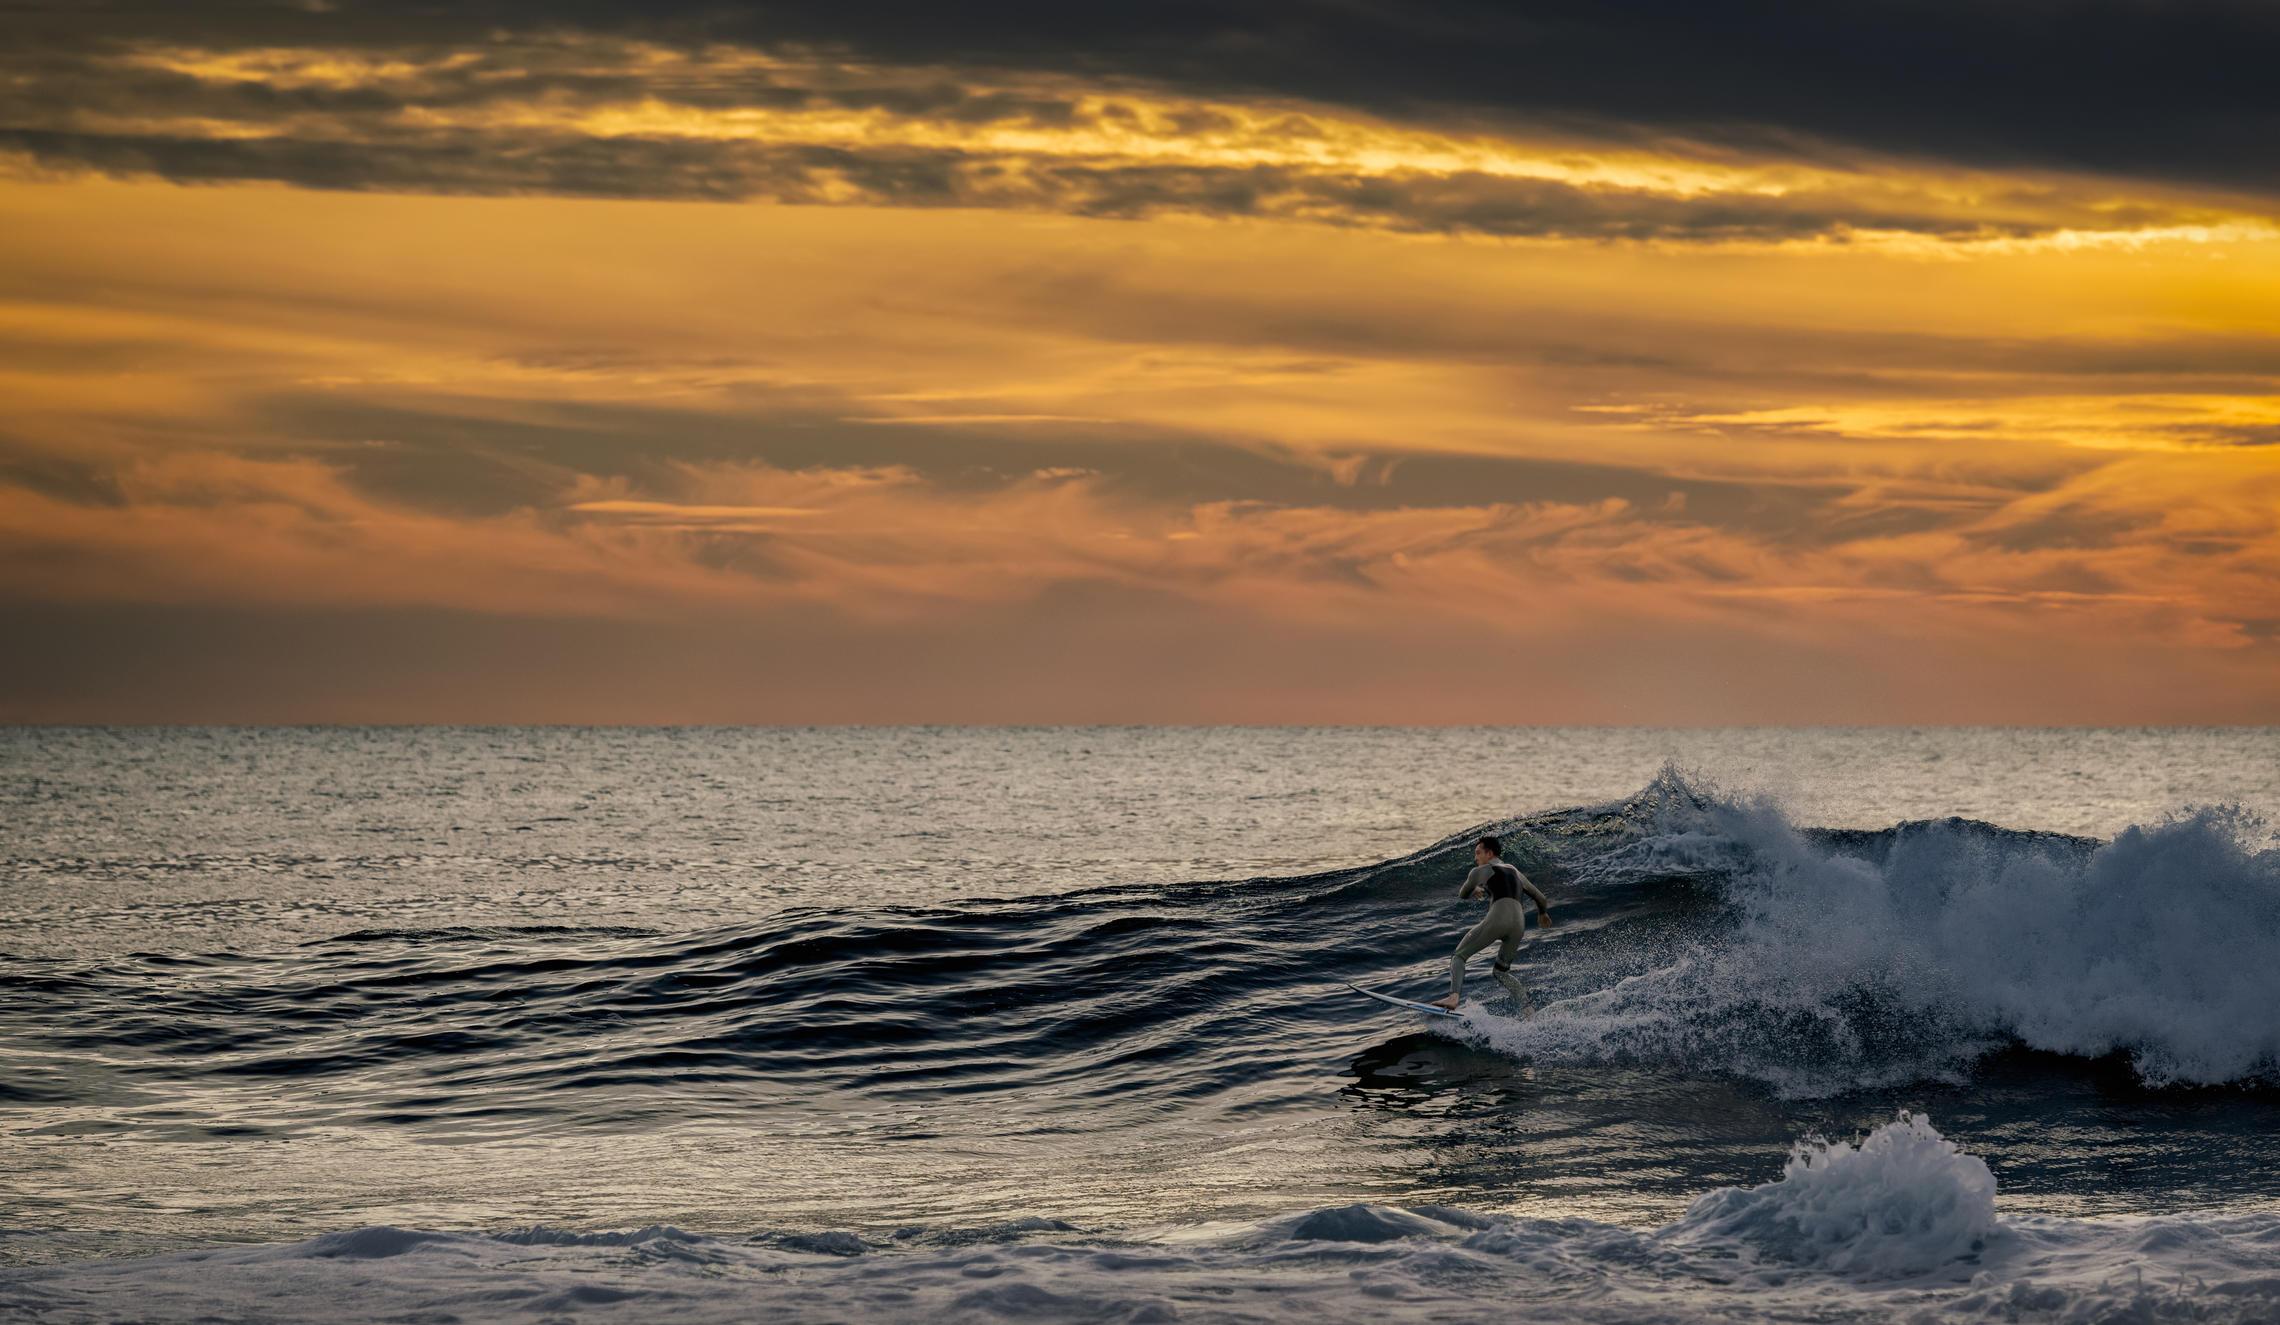 серфер, волны, океан, Alexandr Bezmolitvenny